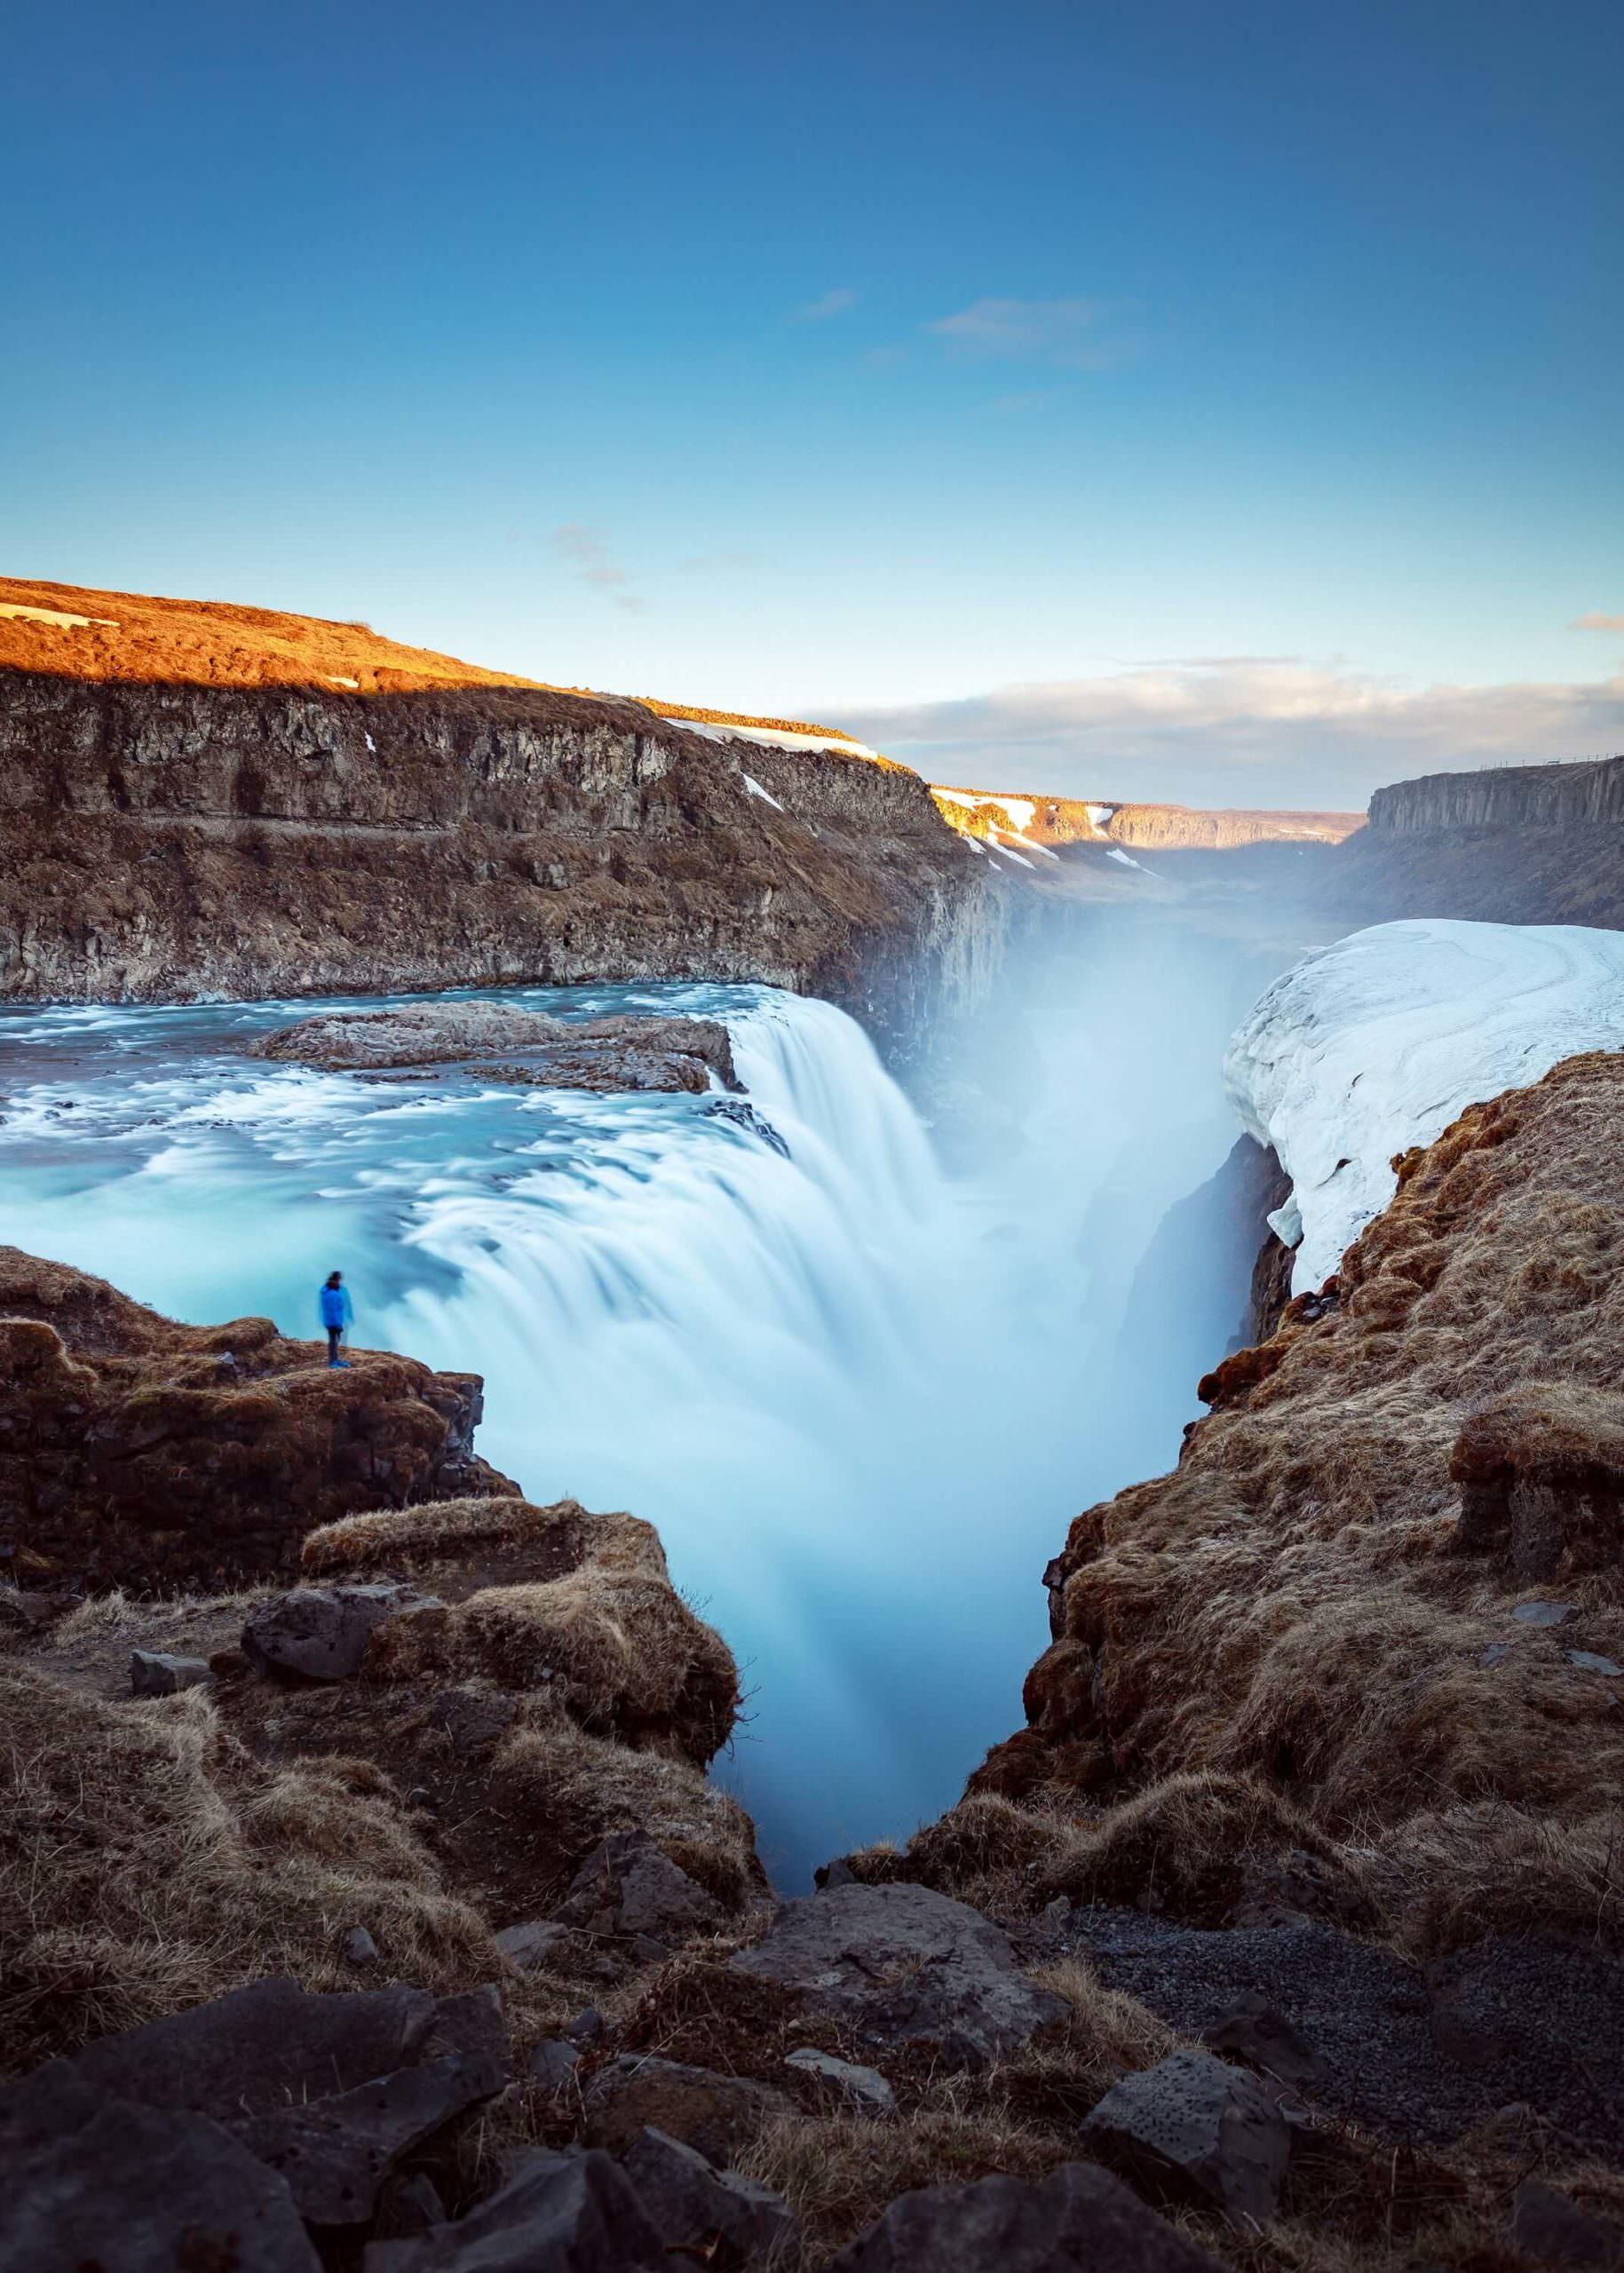 شلال جولفوس - الطبيعة الساحرة في آيسلندا